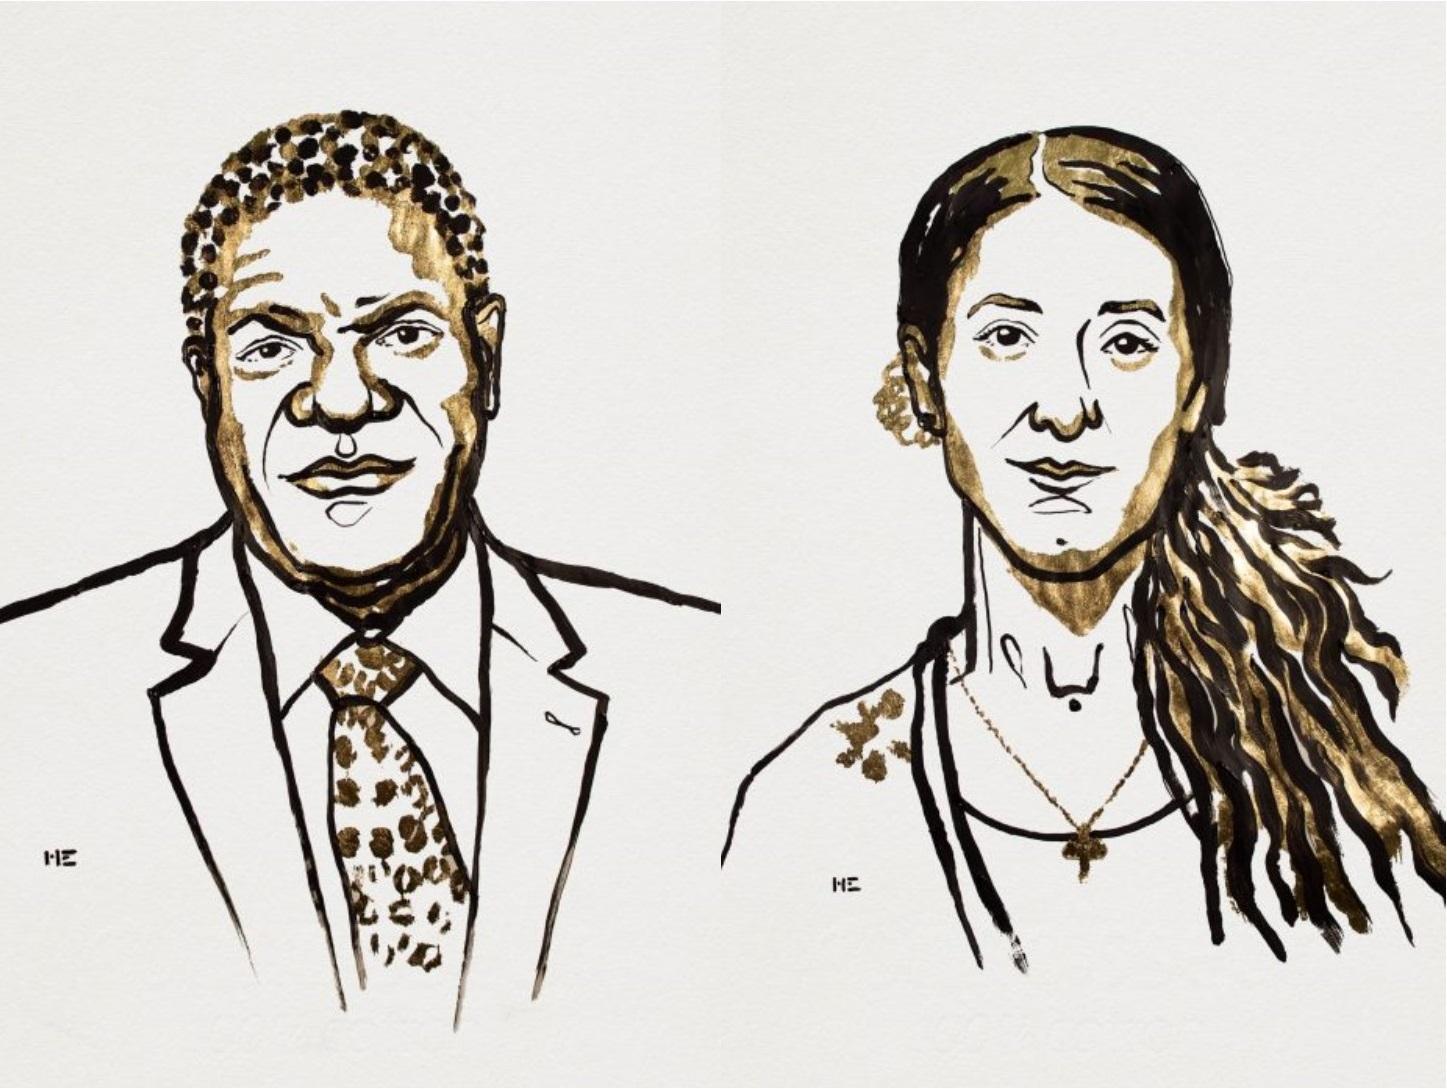 Denis Mukwege et Nadia Murad reçoivent le prix Nobel de la paix 2018